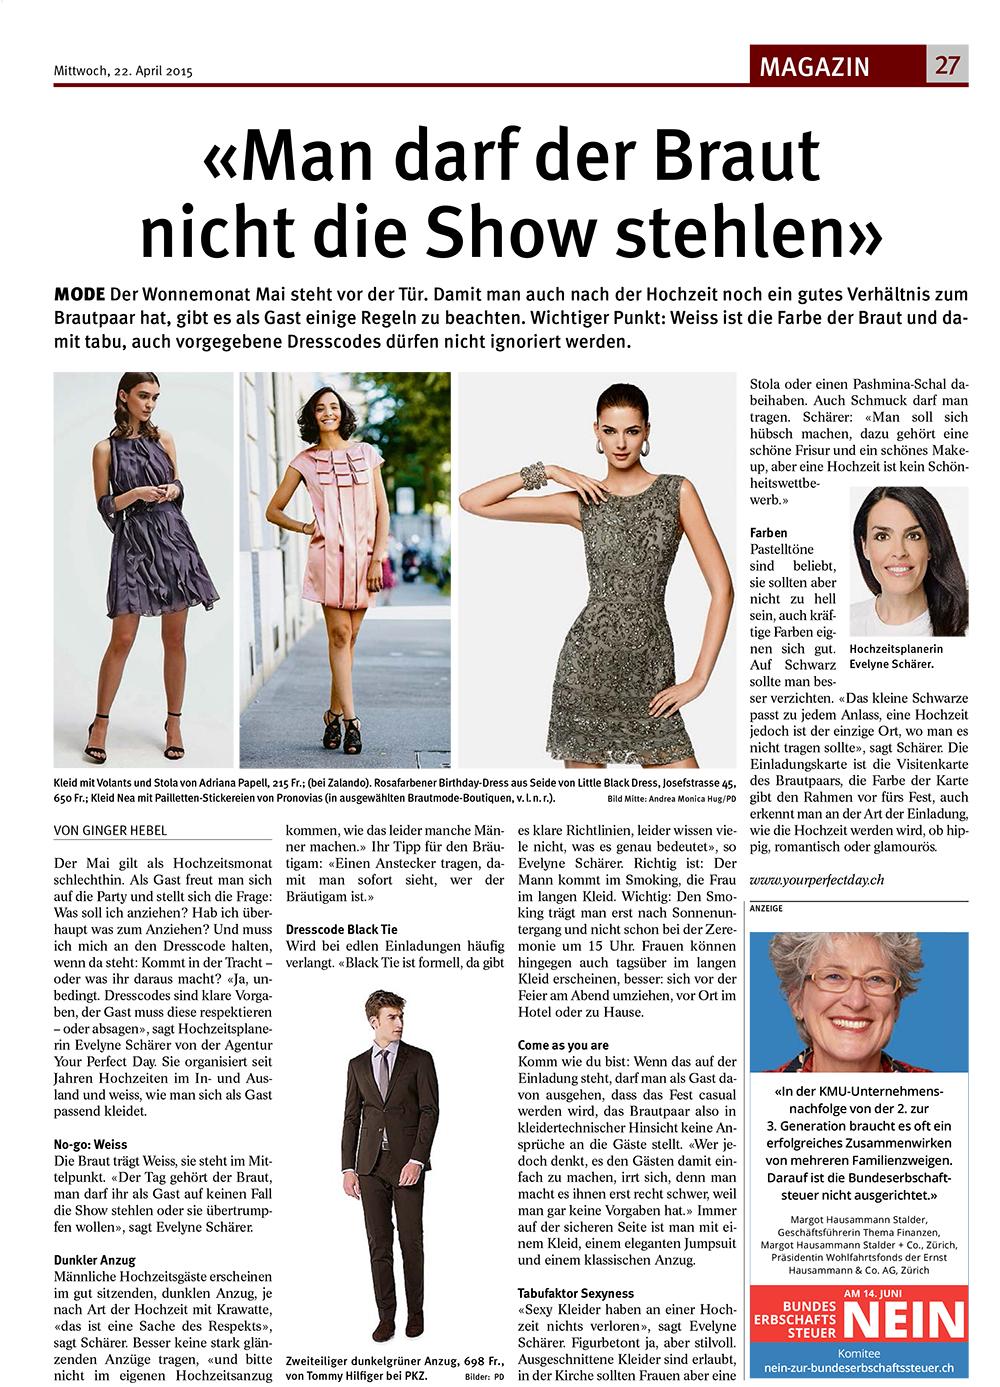 Tagblatt der Stadt Zürich - Mode für Hochzeitsgäste